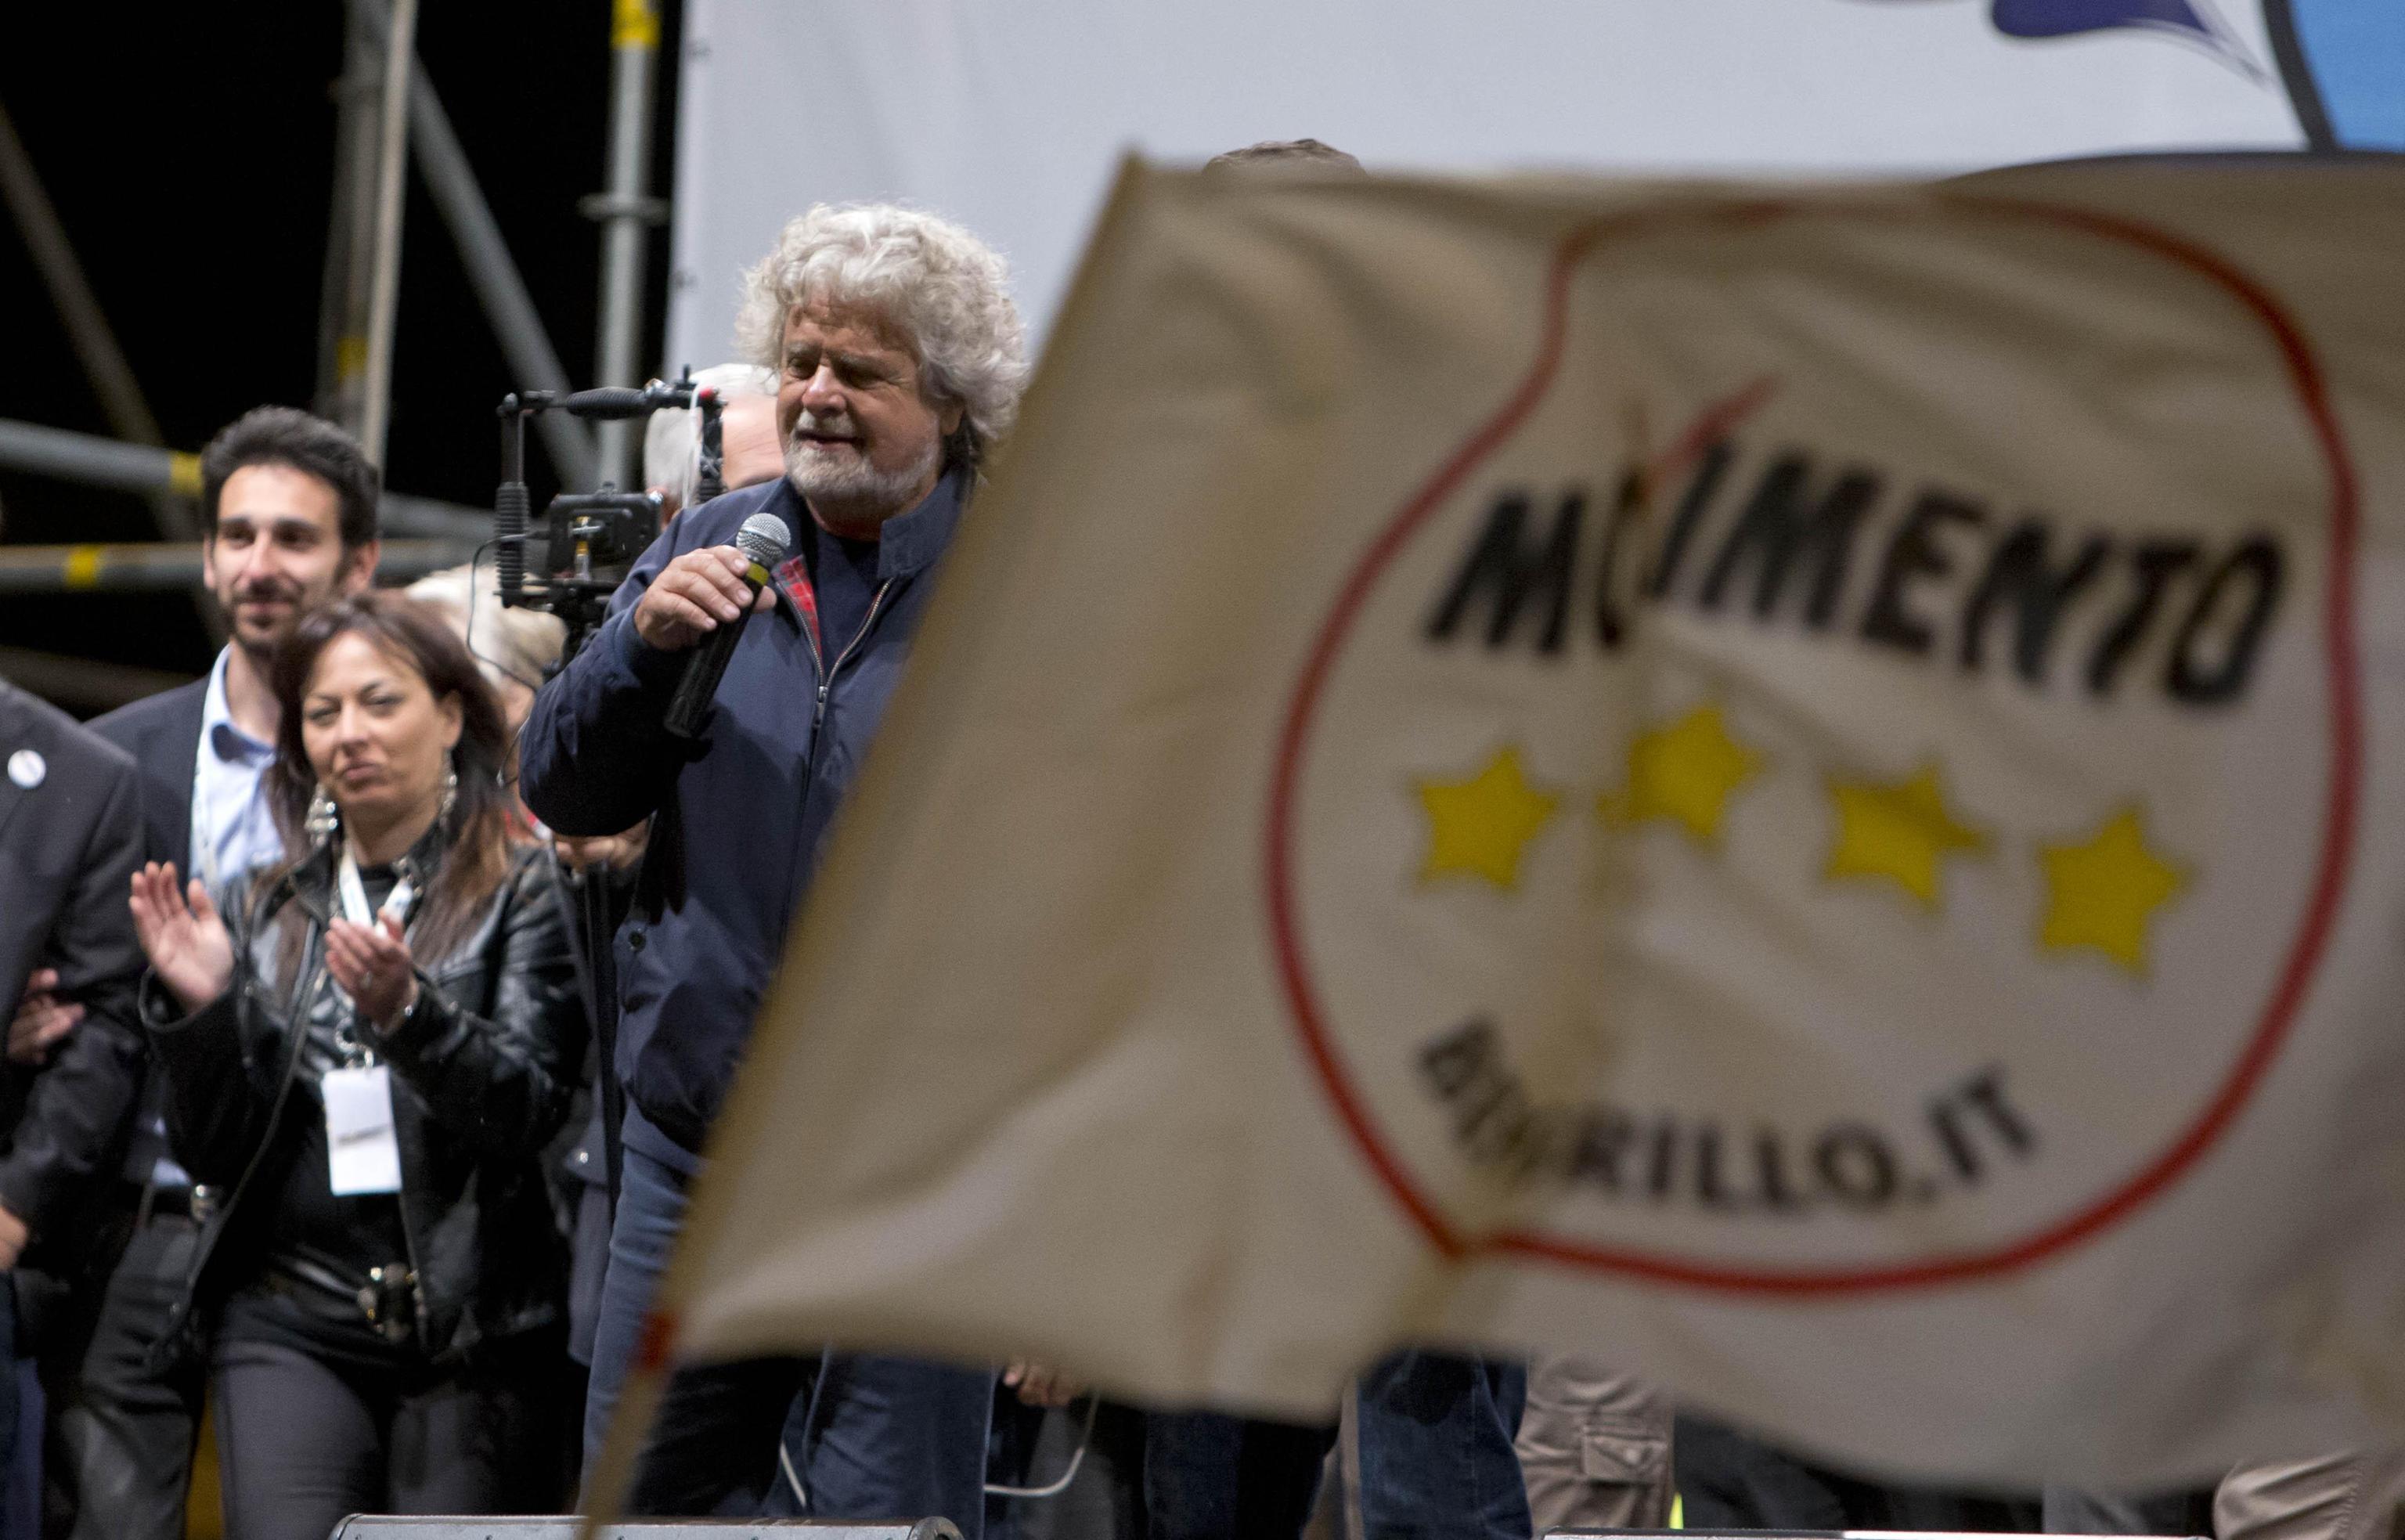 M5s oggi il processo alla dissidente gambaro live sicilia for Parlamentari 5 stelle nomi